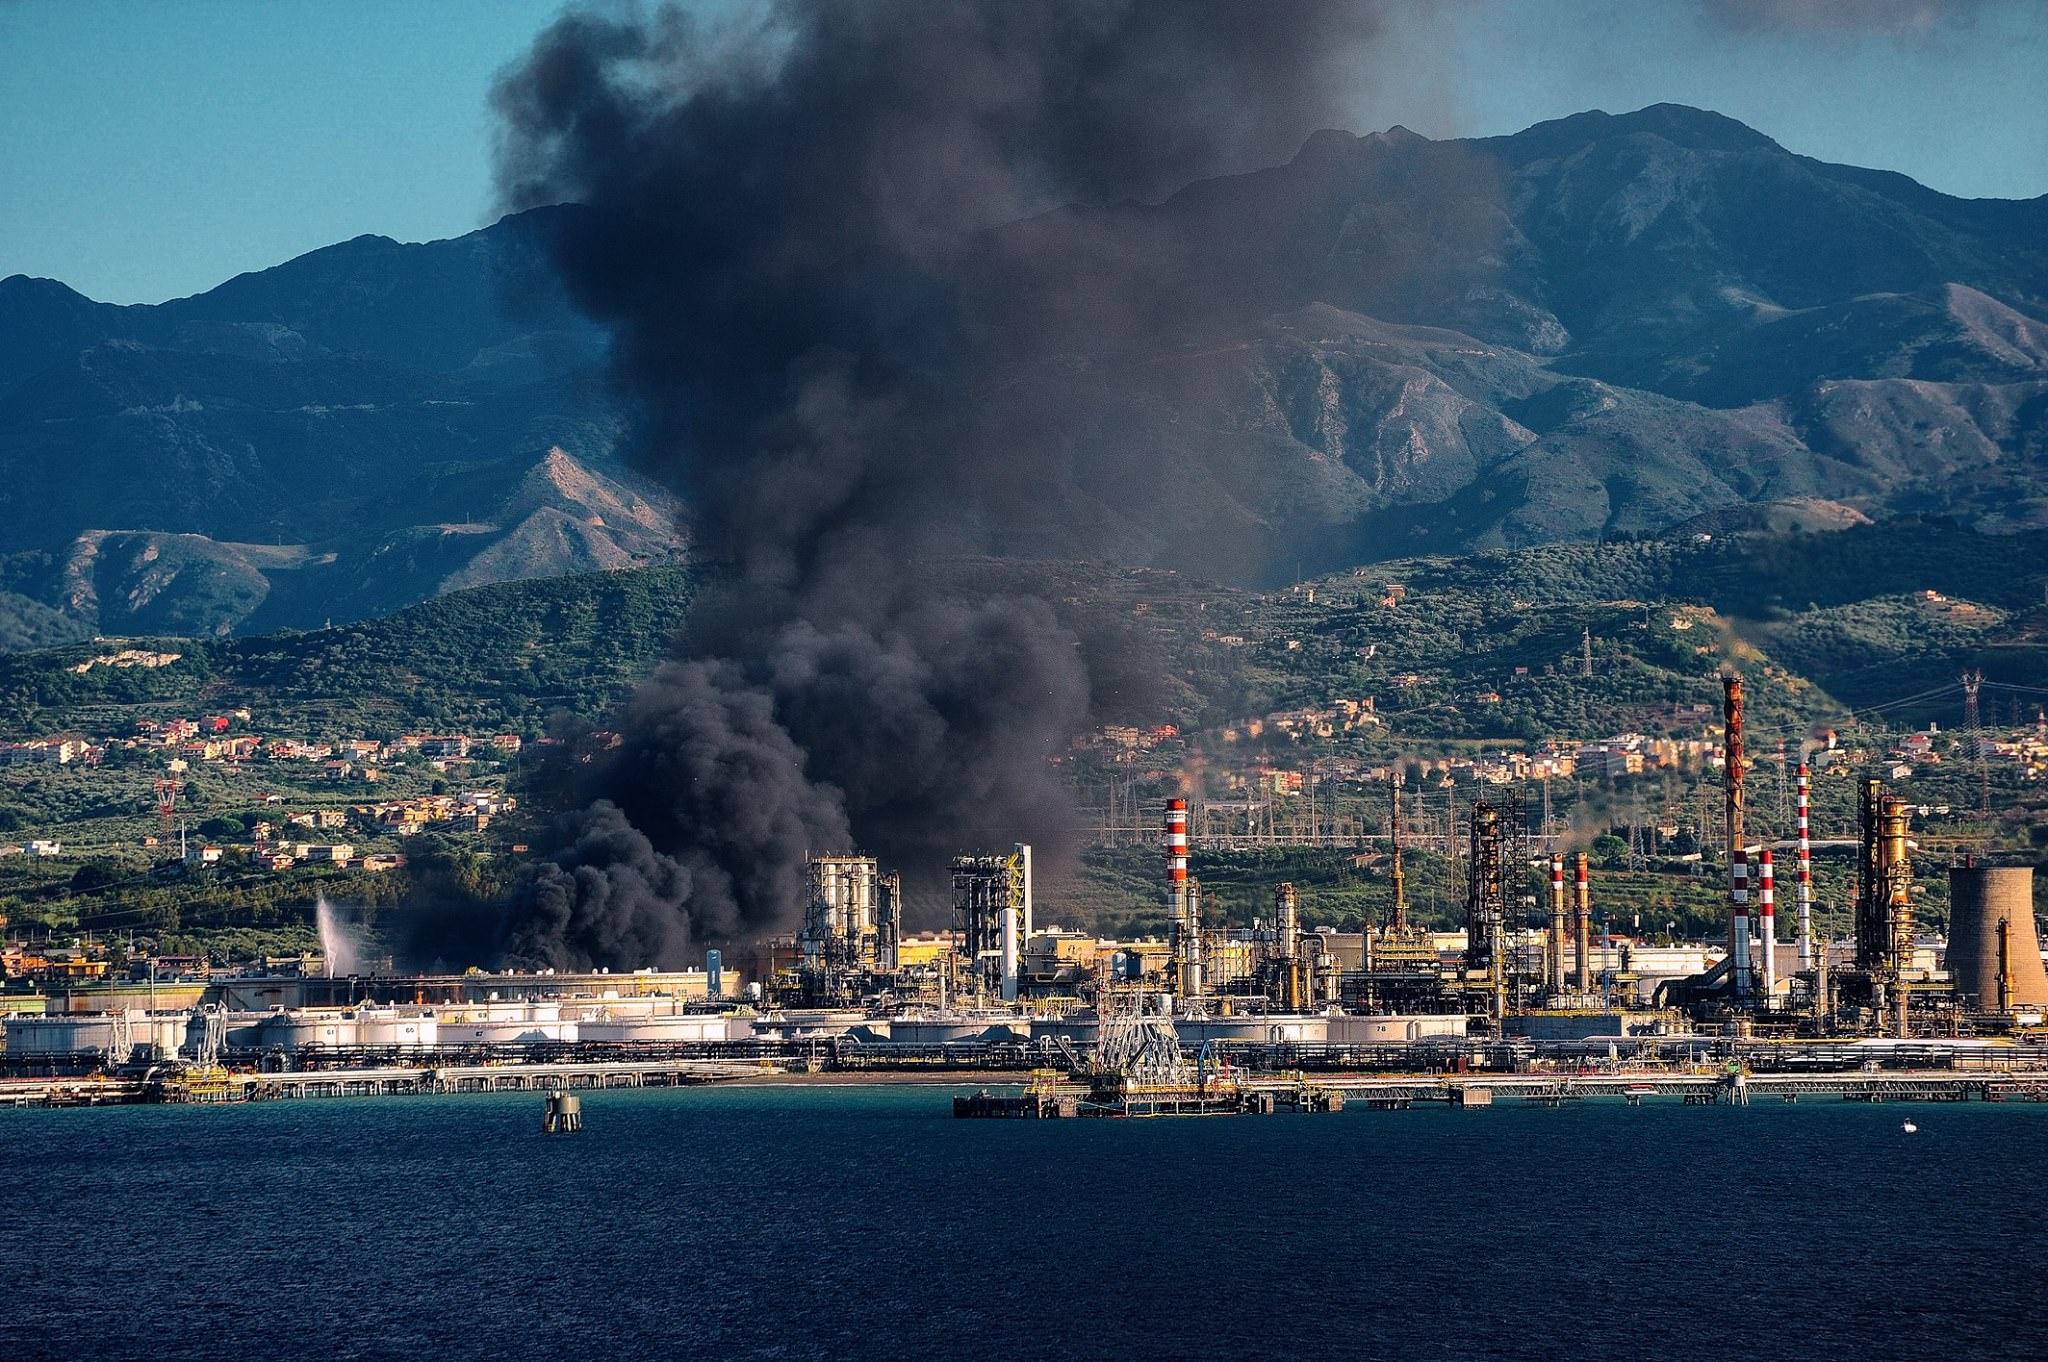 """Inquinamento a Milazzo, cosa chiedere al nuovo sindaco? Maimone (Adasc): """"L'emergenza ambientale e sanitaria esiste"""""""